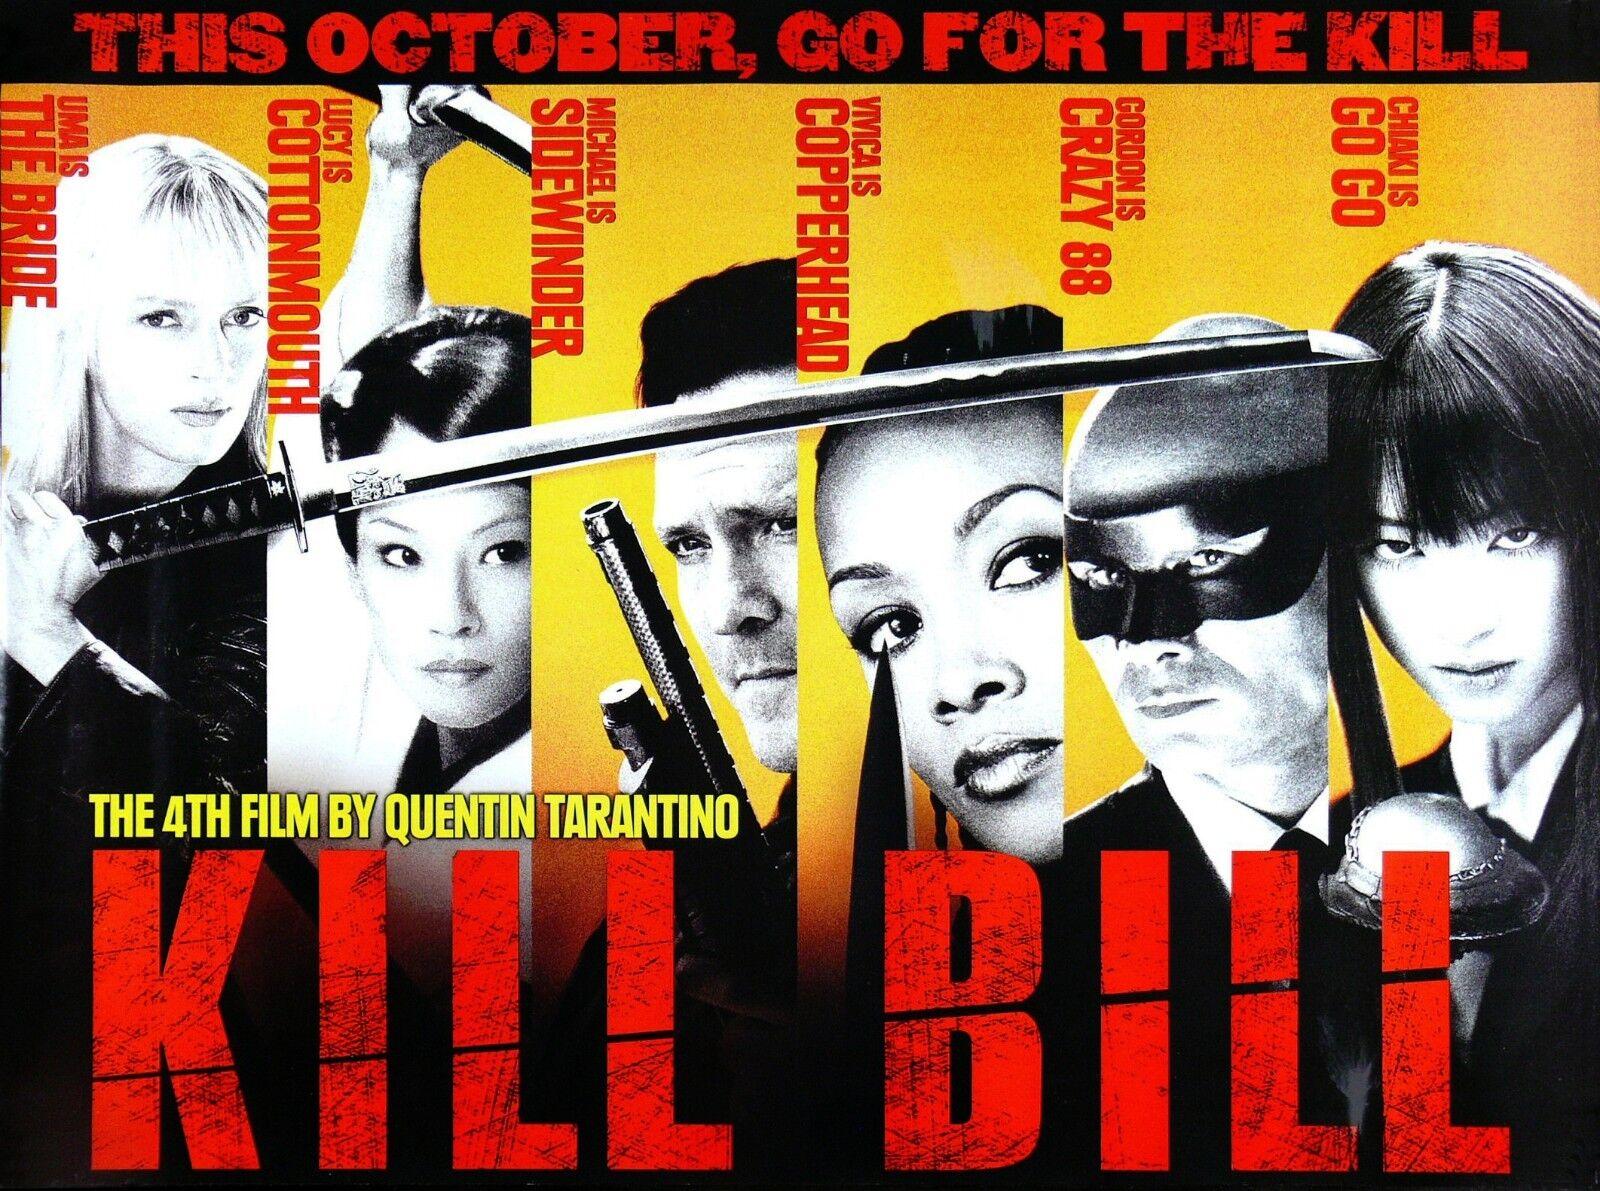 KILL LIST POSTER FILM A4 A3 A2 A1 CINEMA MOVIE